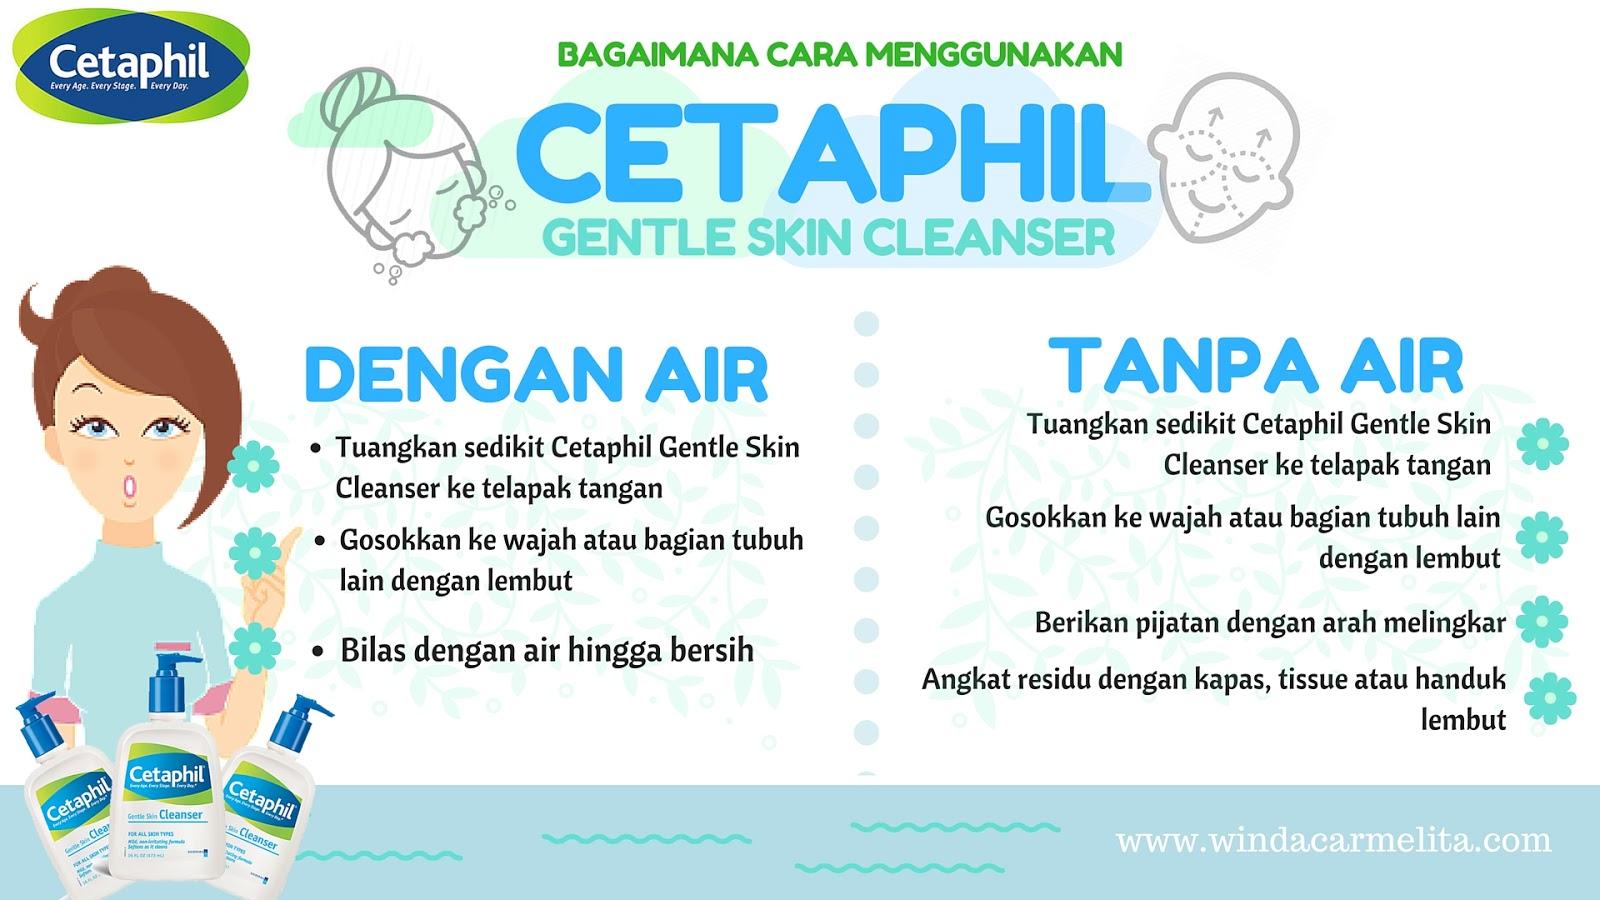 review cetaphil indonesia